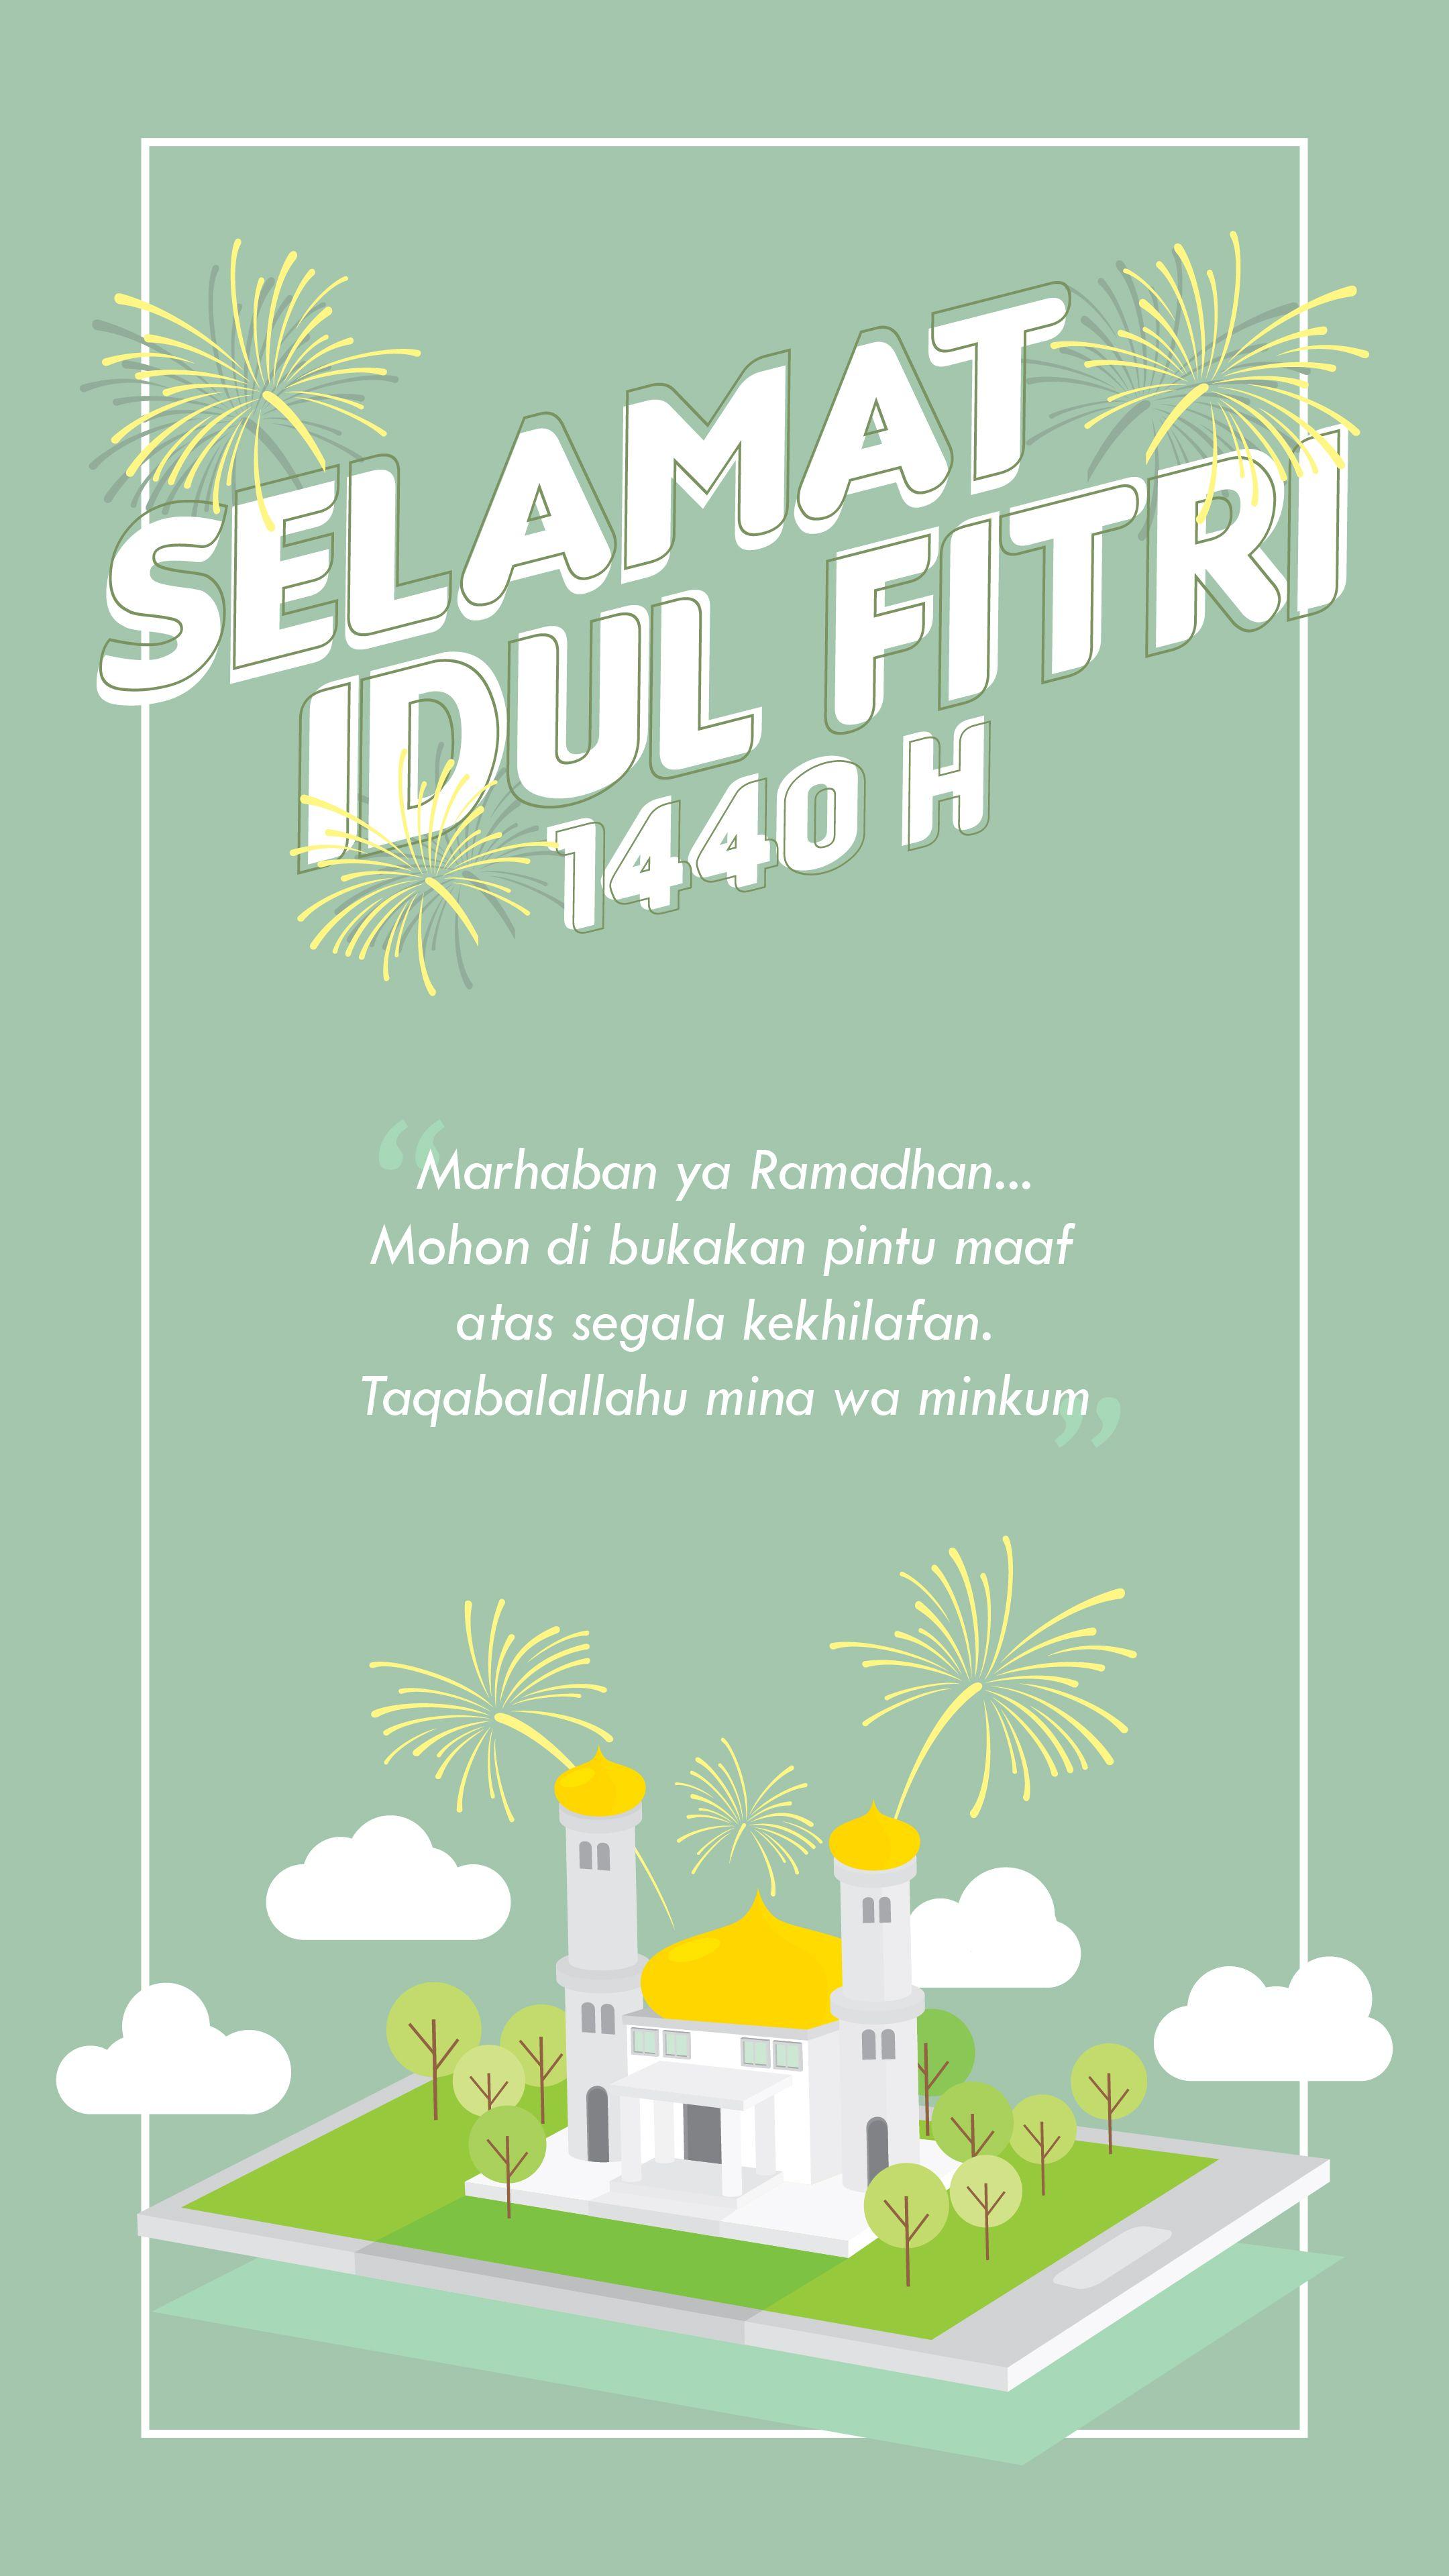 Ucapan Idul fitri 1440   Desain poster, Desain, Gambar lucu